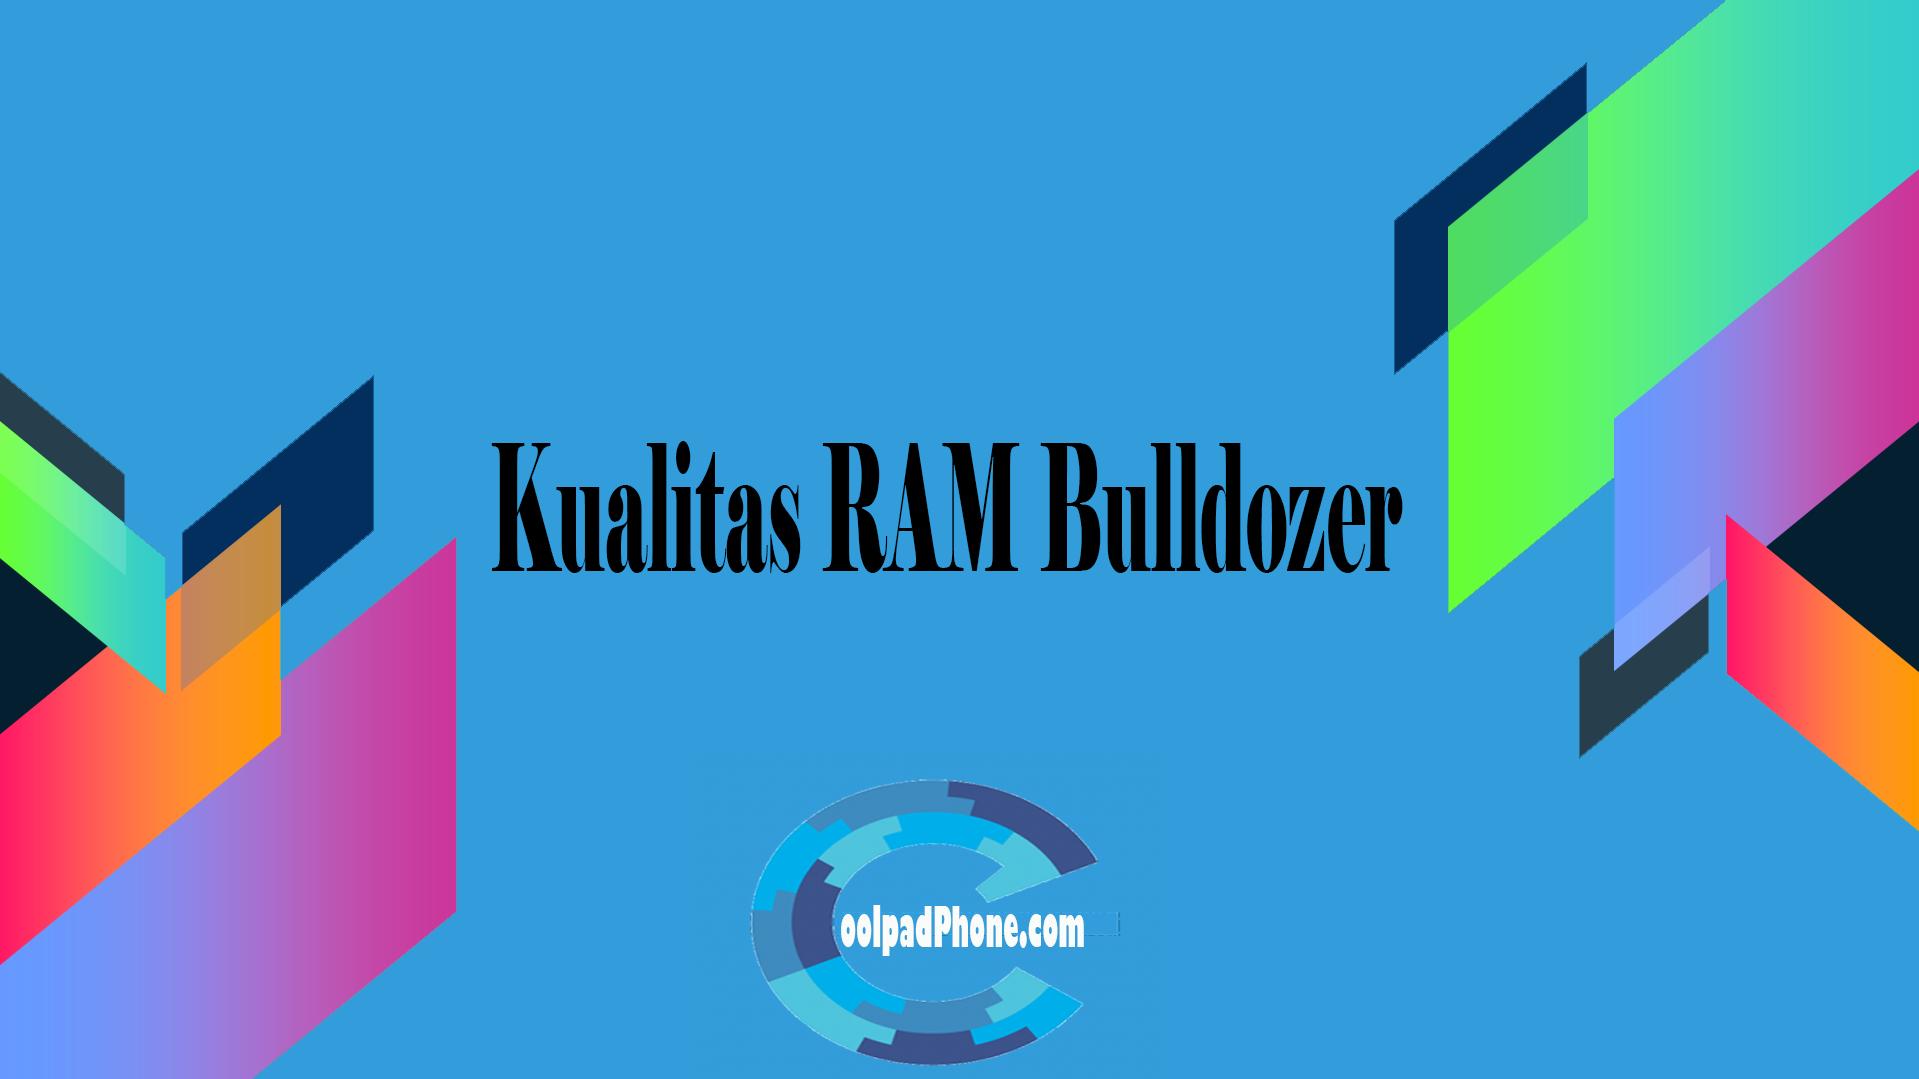 Kualitas RAM Bulldozer